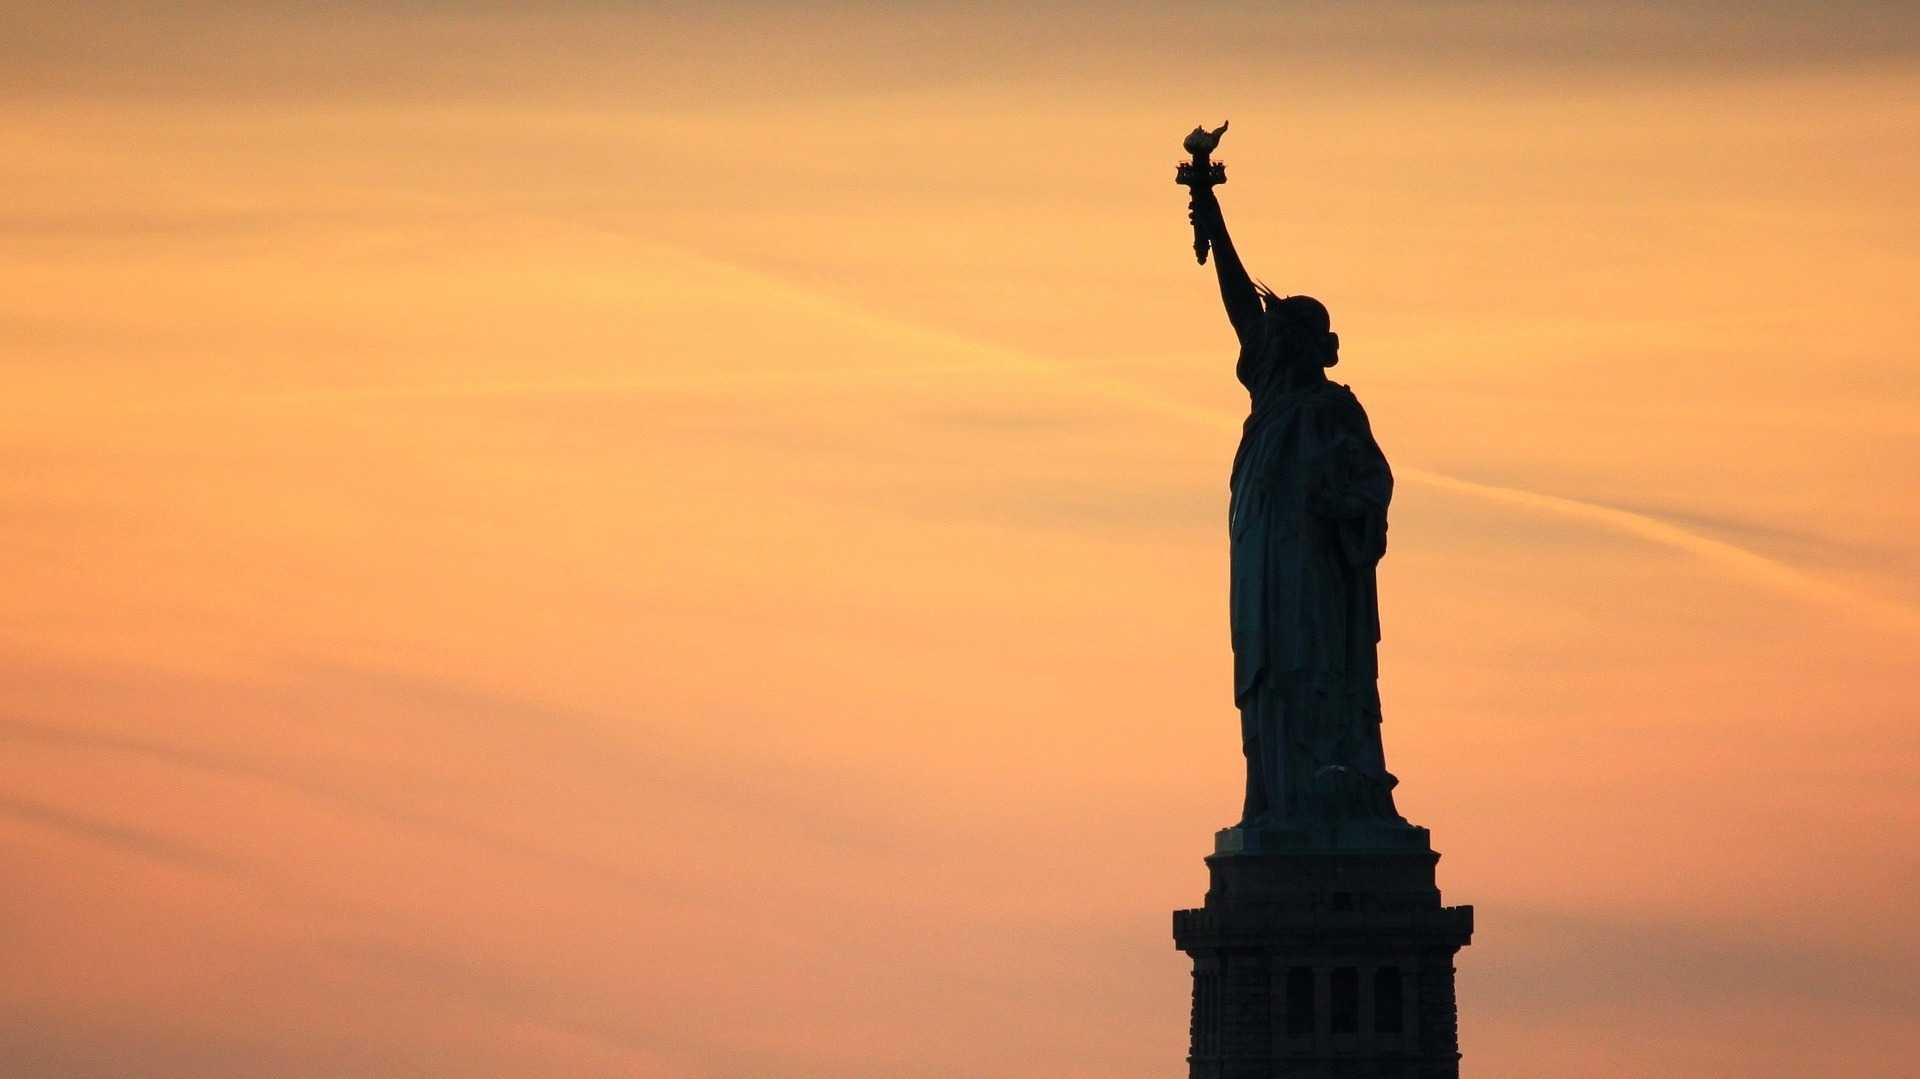 USA: Behörden wollen Daten zu Social Media und Online-Suchen von Einwanderern